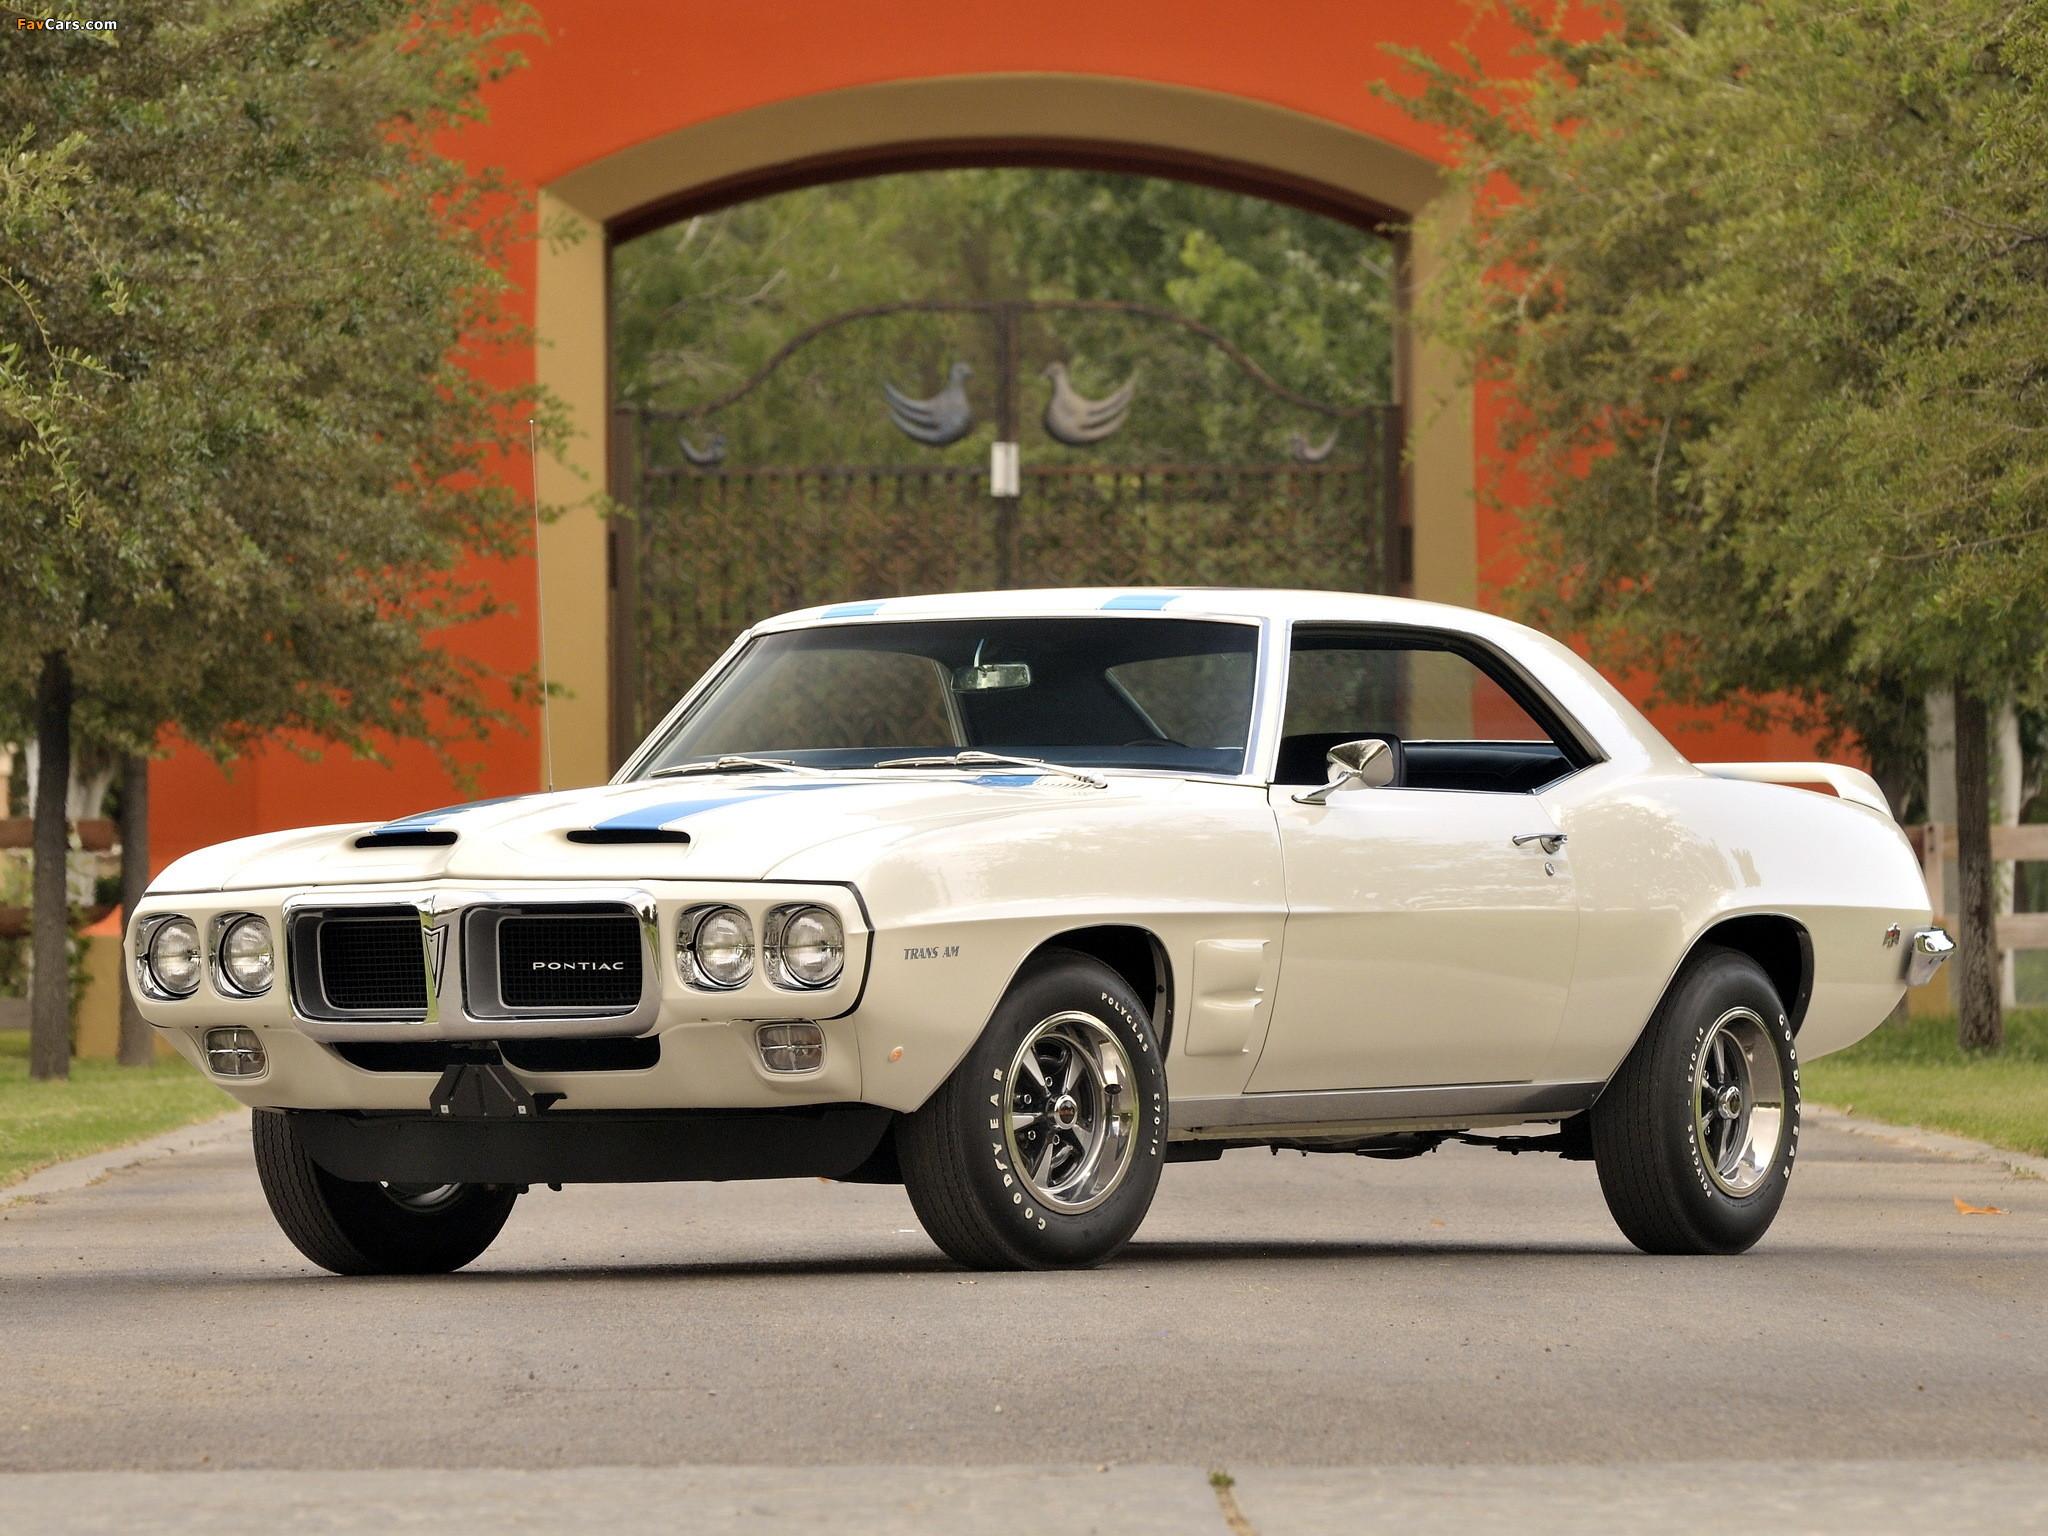 Res: 2048x1536, Pontiac Firebird Trans Am 1969 wallpapers (2048 x 1536)